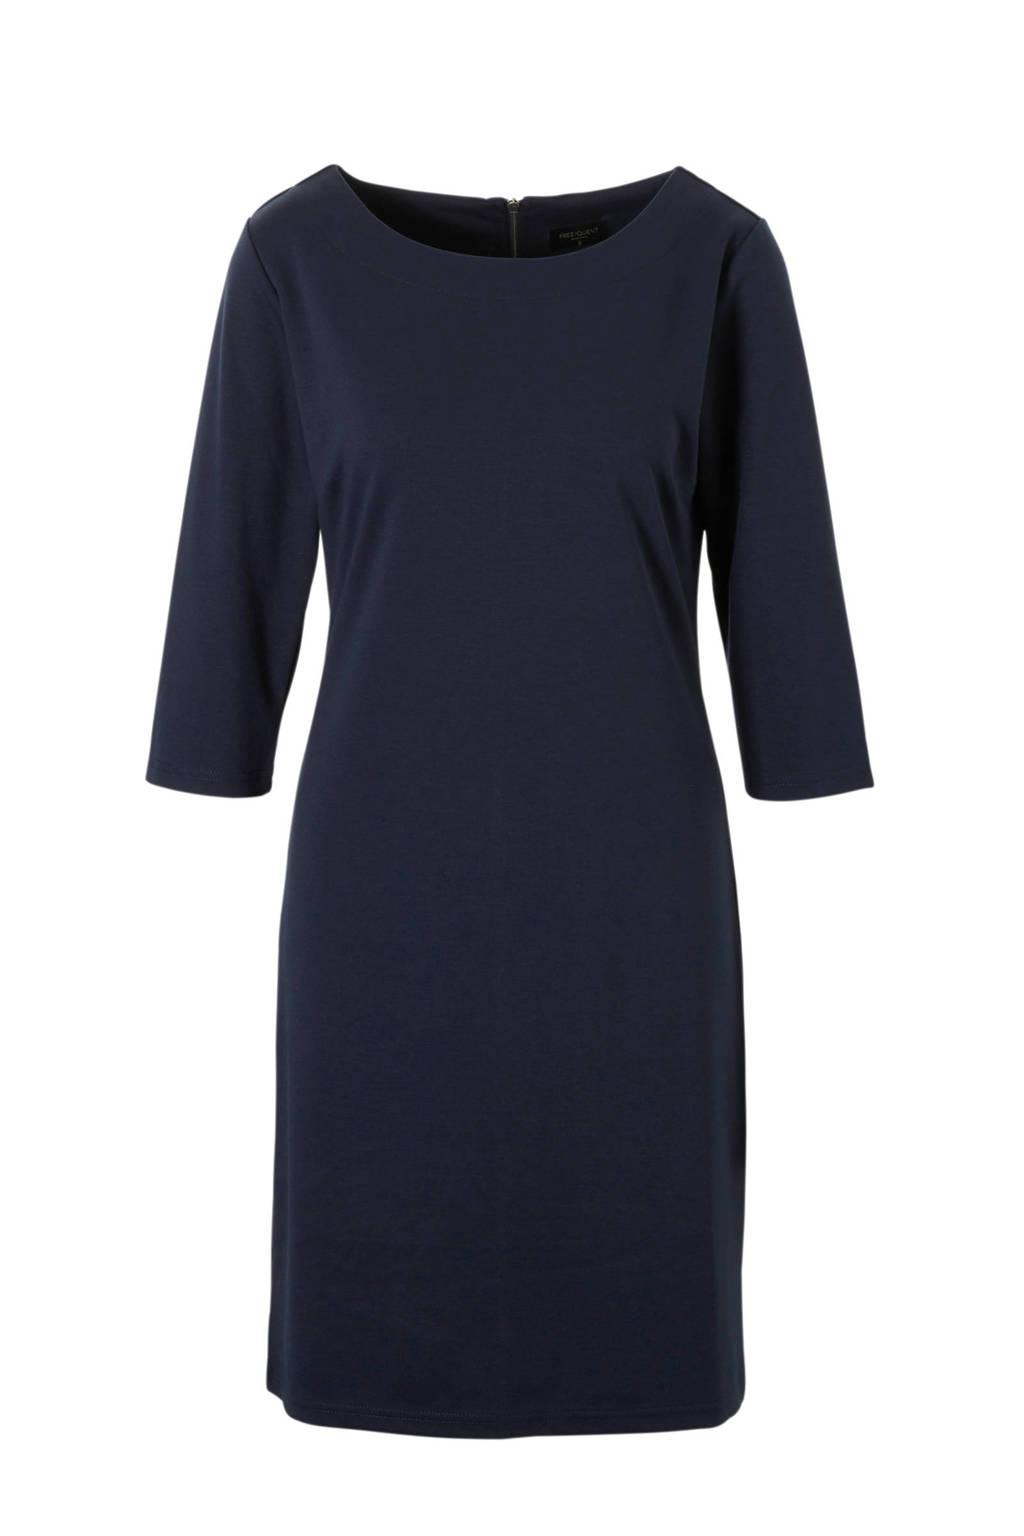 FREEQUENT jurk Dane, Blauw